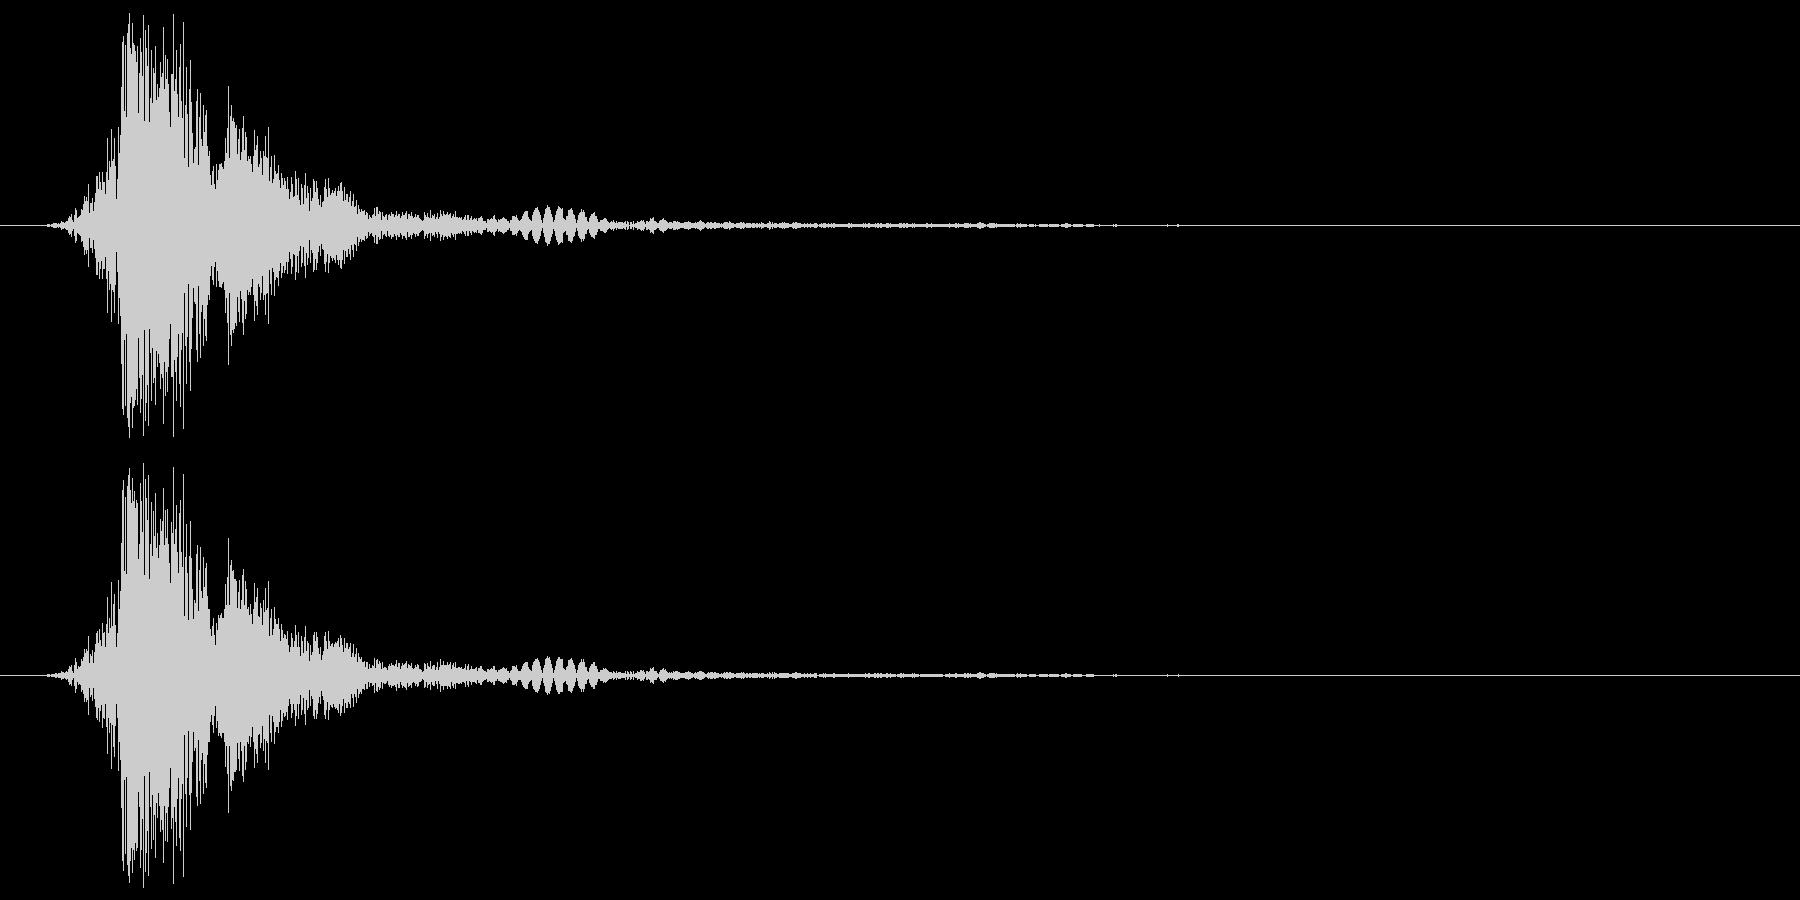 テレビ 画面の点灯OR消灯音 チィッの未再生の波形